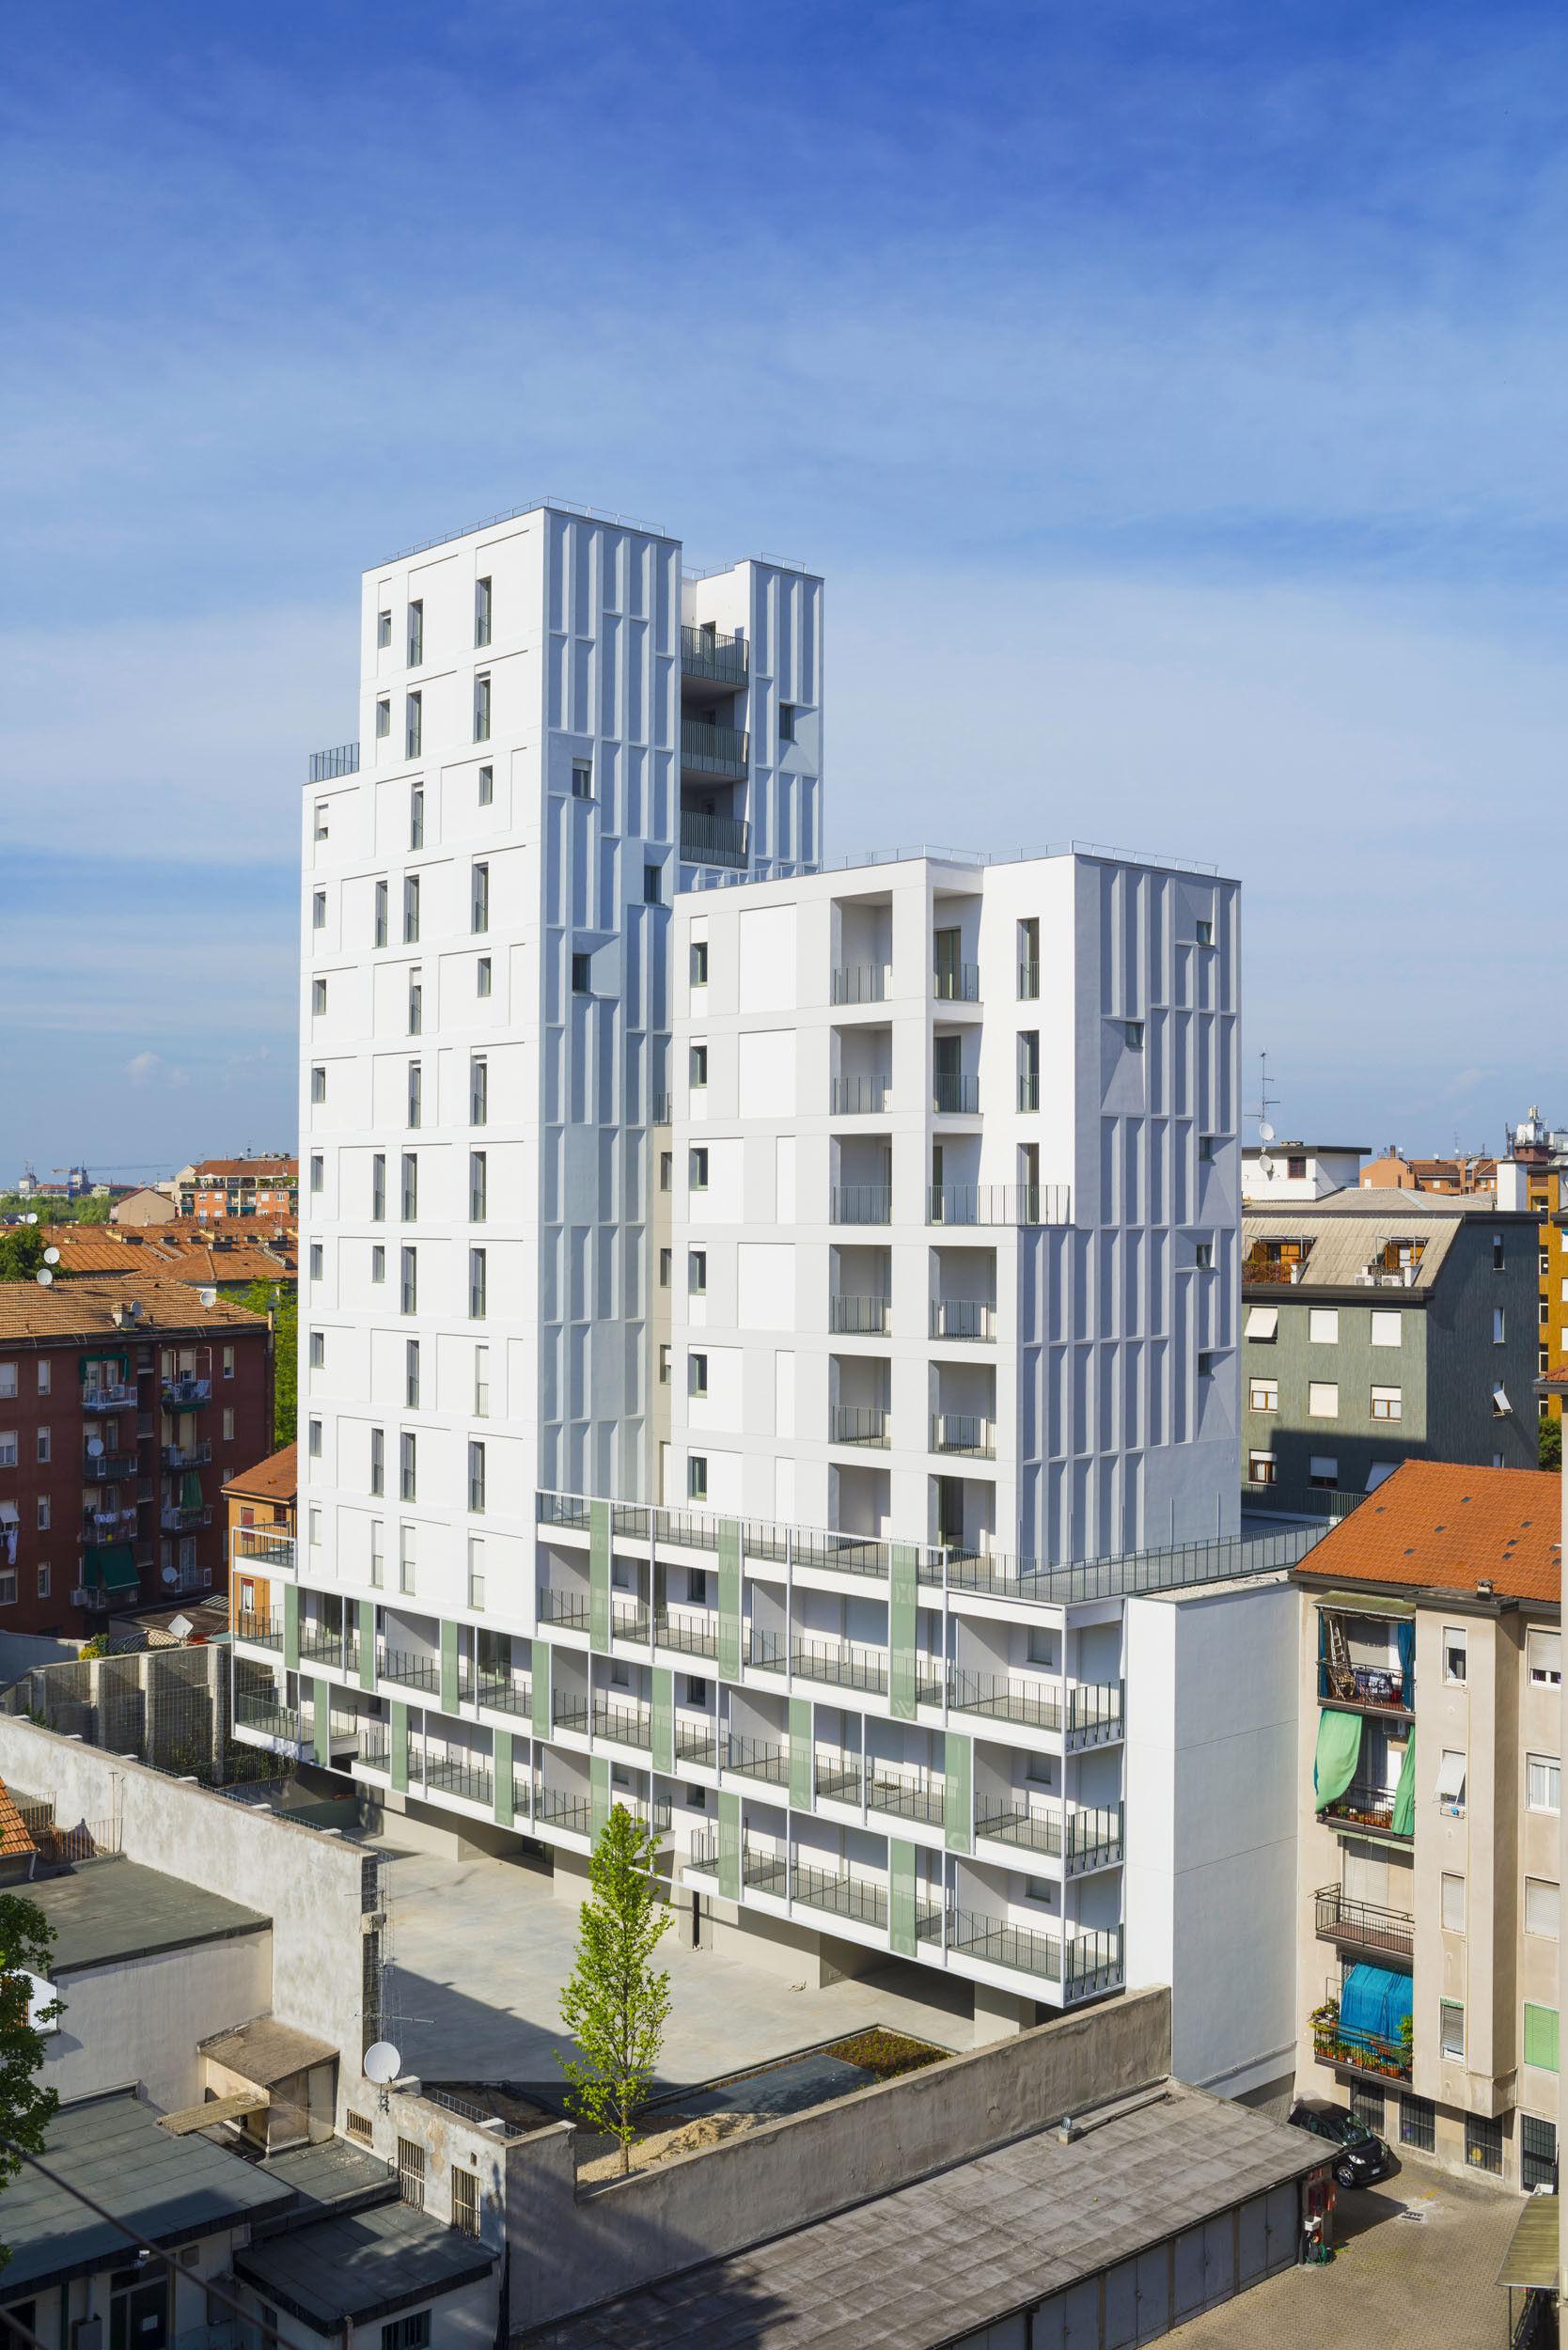 Nuovo edificio residenziale - image 16